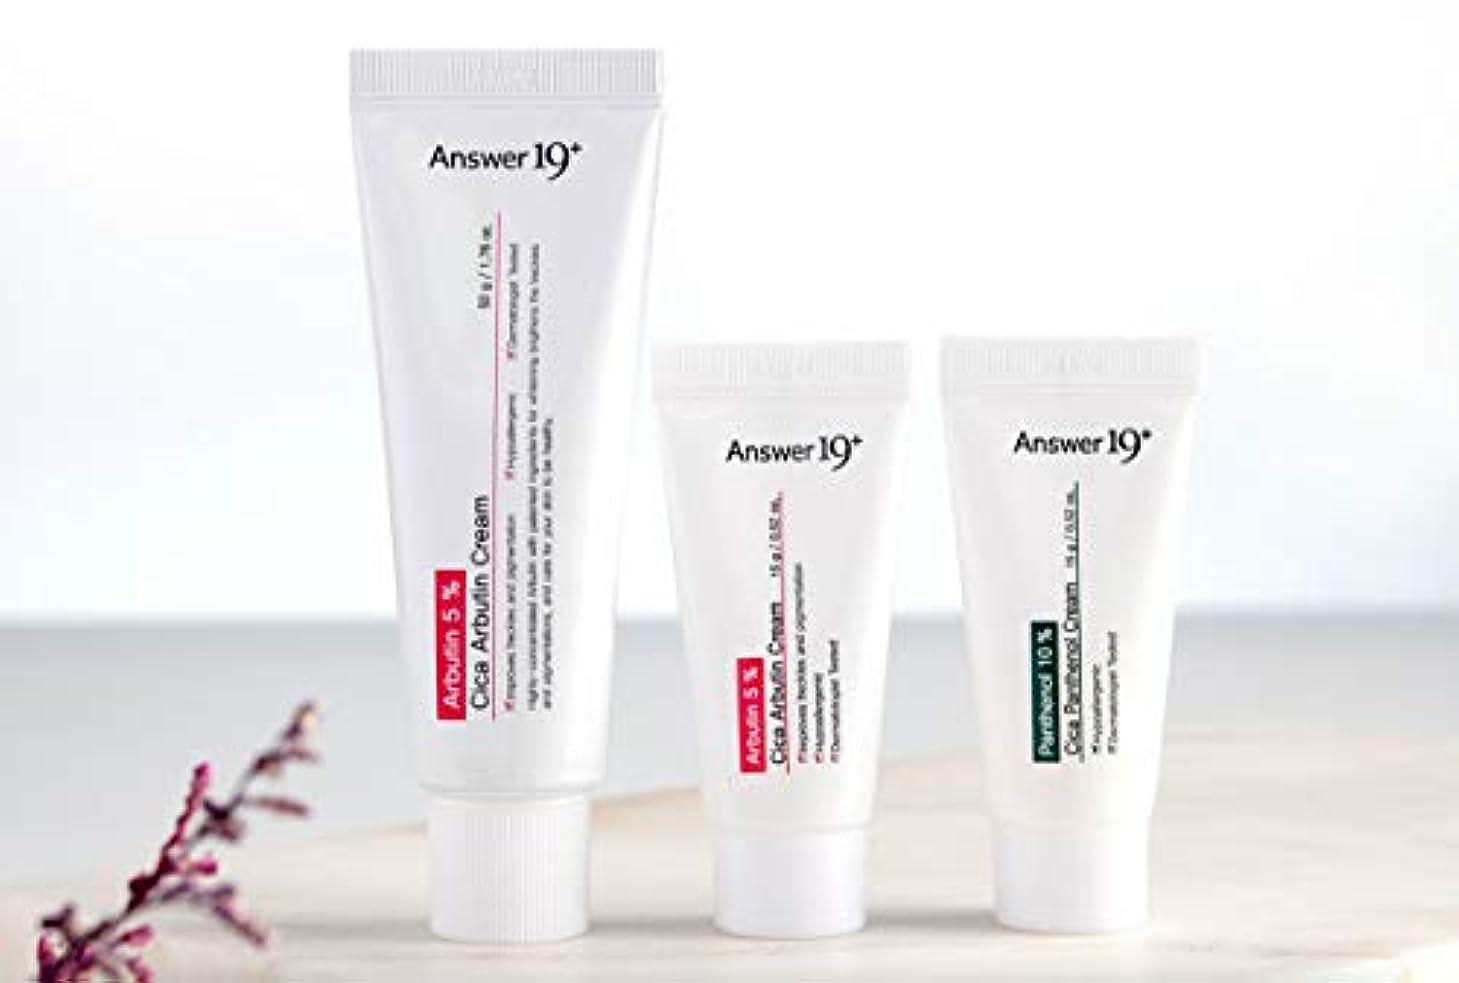 クリックきれいに誓約CICAアルブチンクリームセット(50g + 15g + 15g) - アルブチン5%、保湿